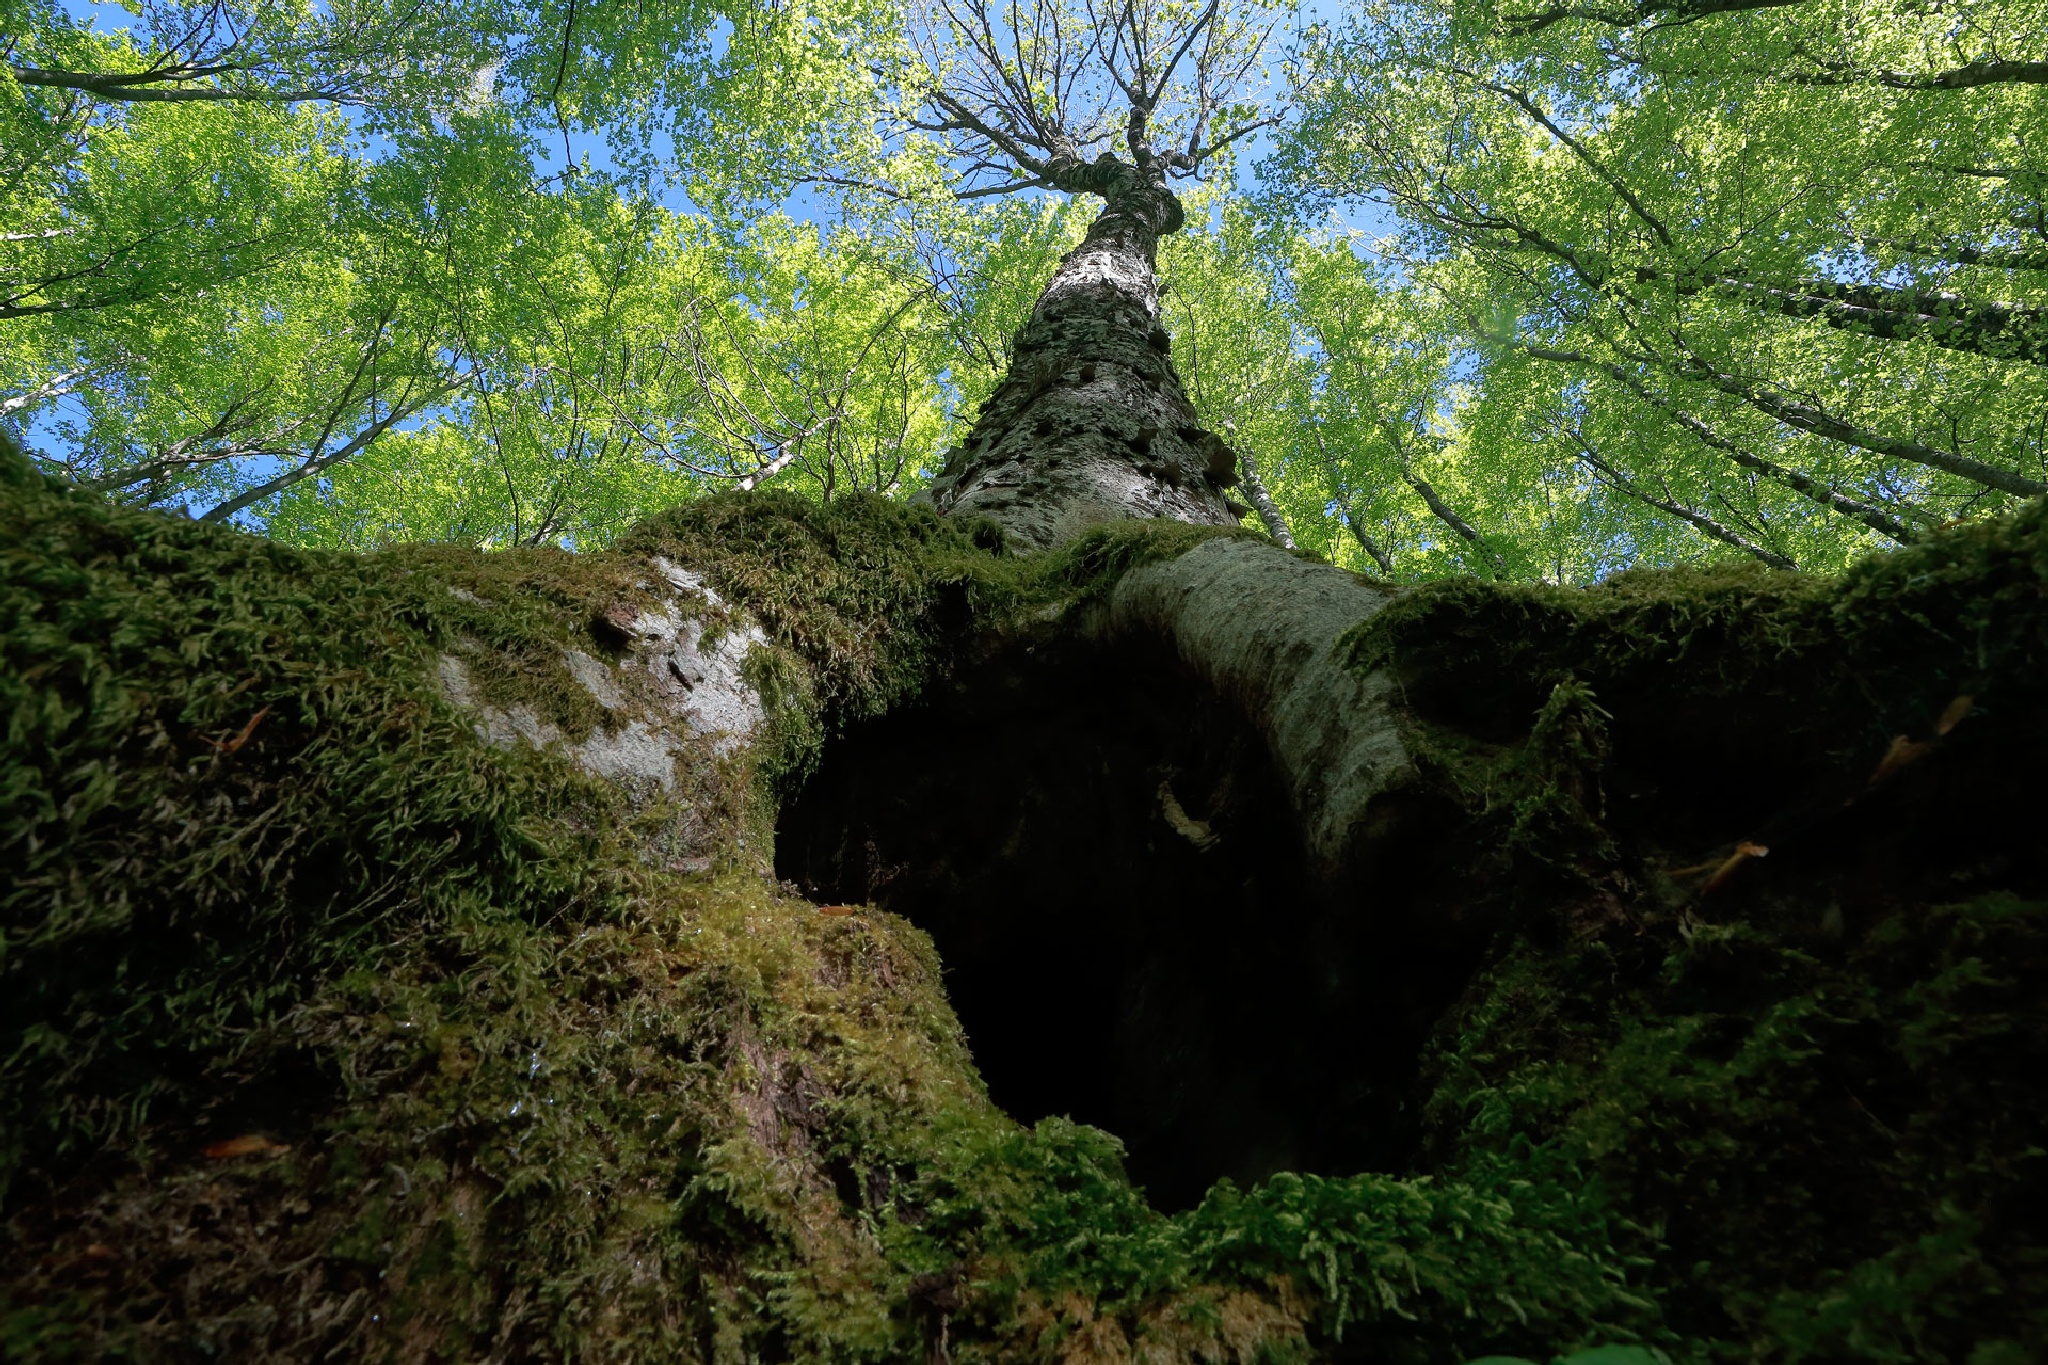 Maple tree by stanislav.horacek2